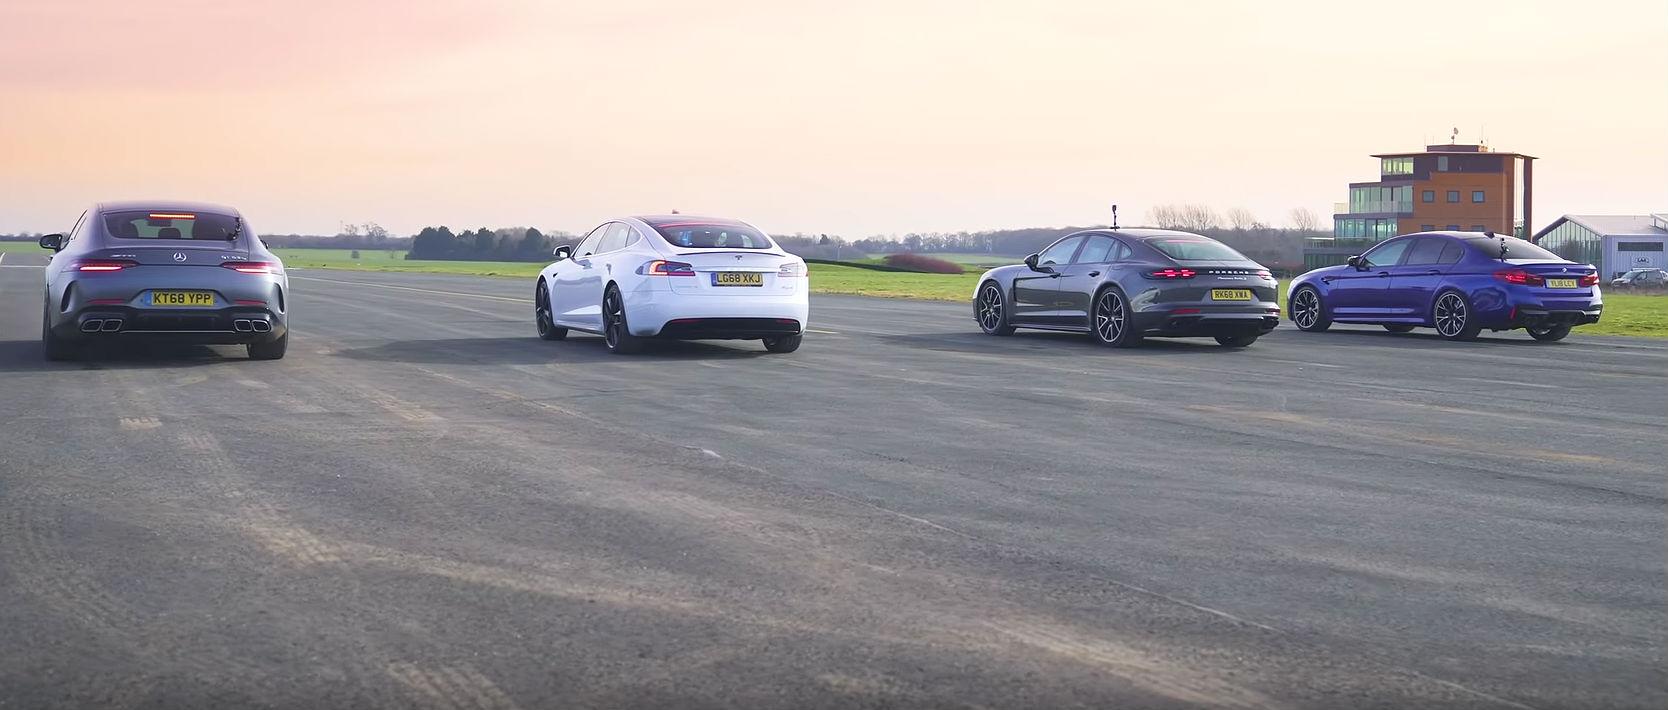 tesla-model-s-vs-german-cars